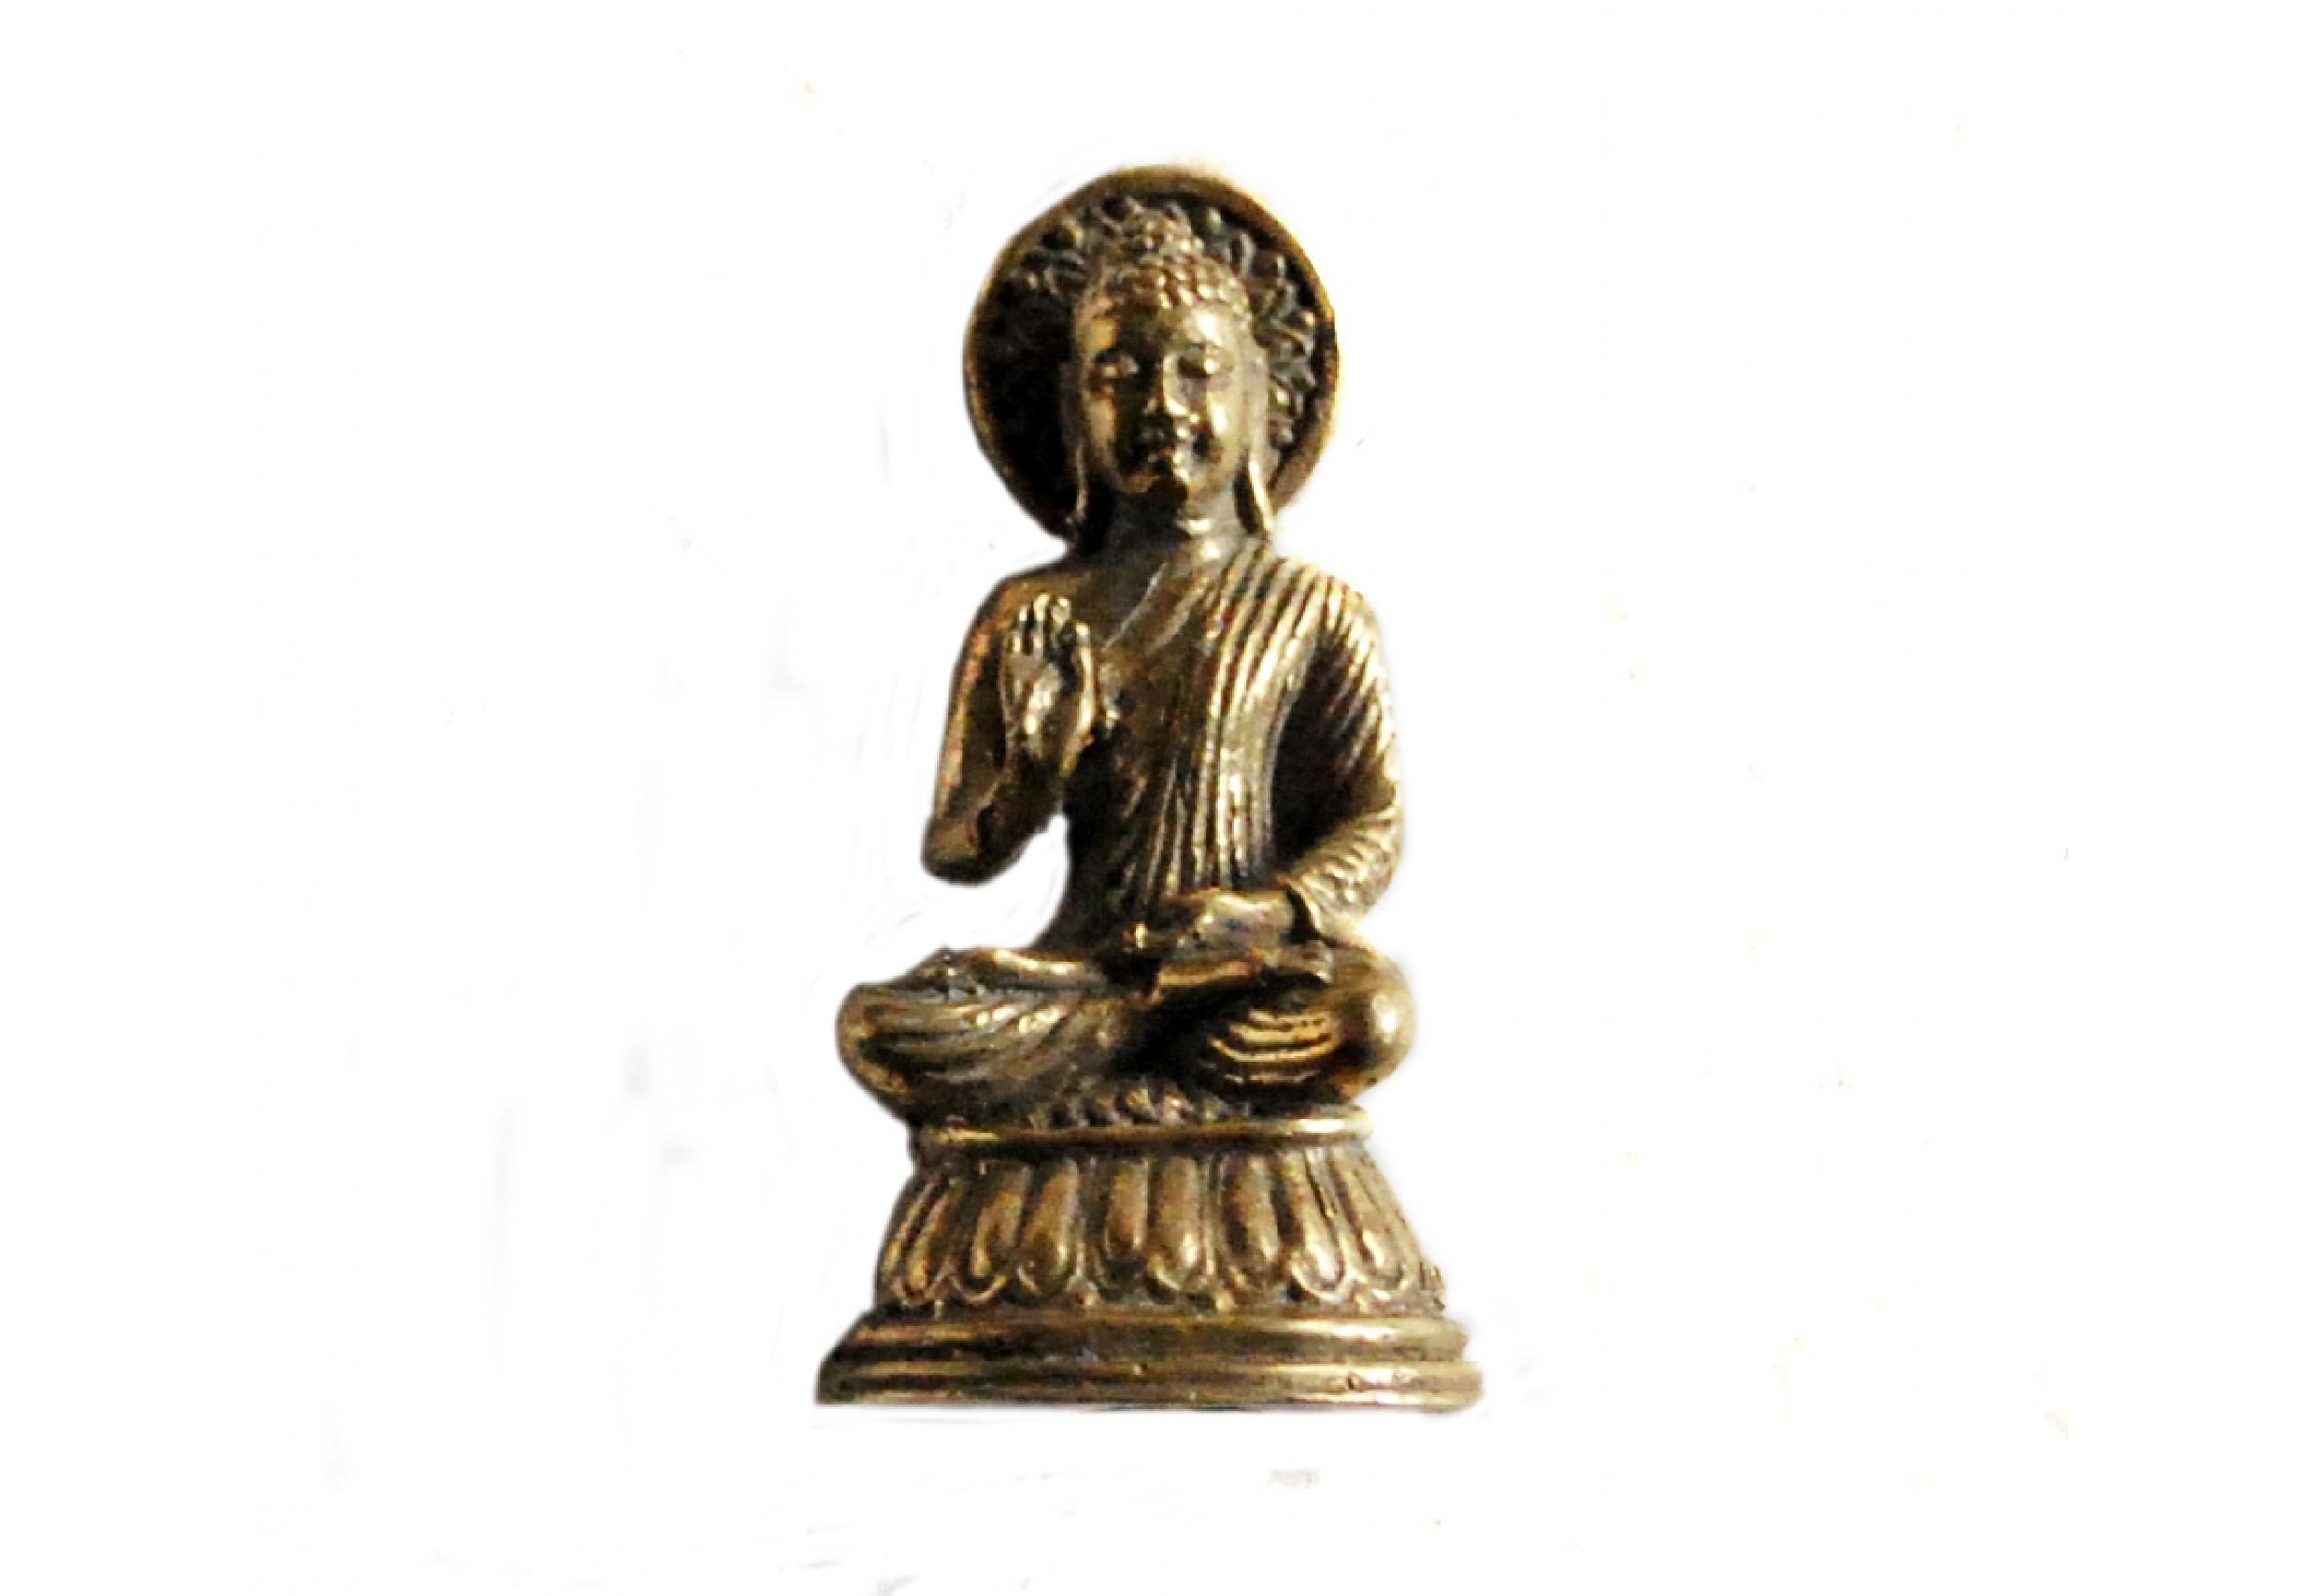 Buddha Statuette (Murti) - 3.2 cm